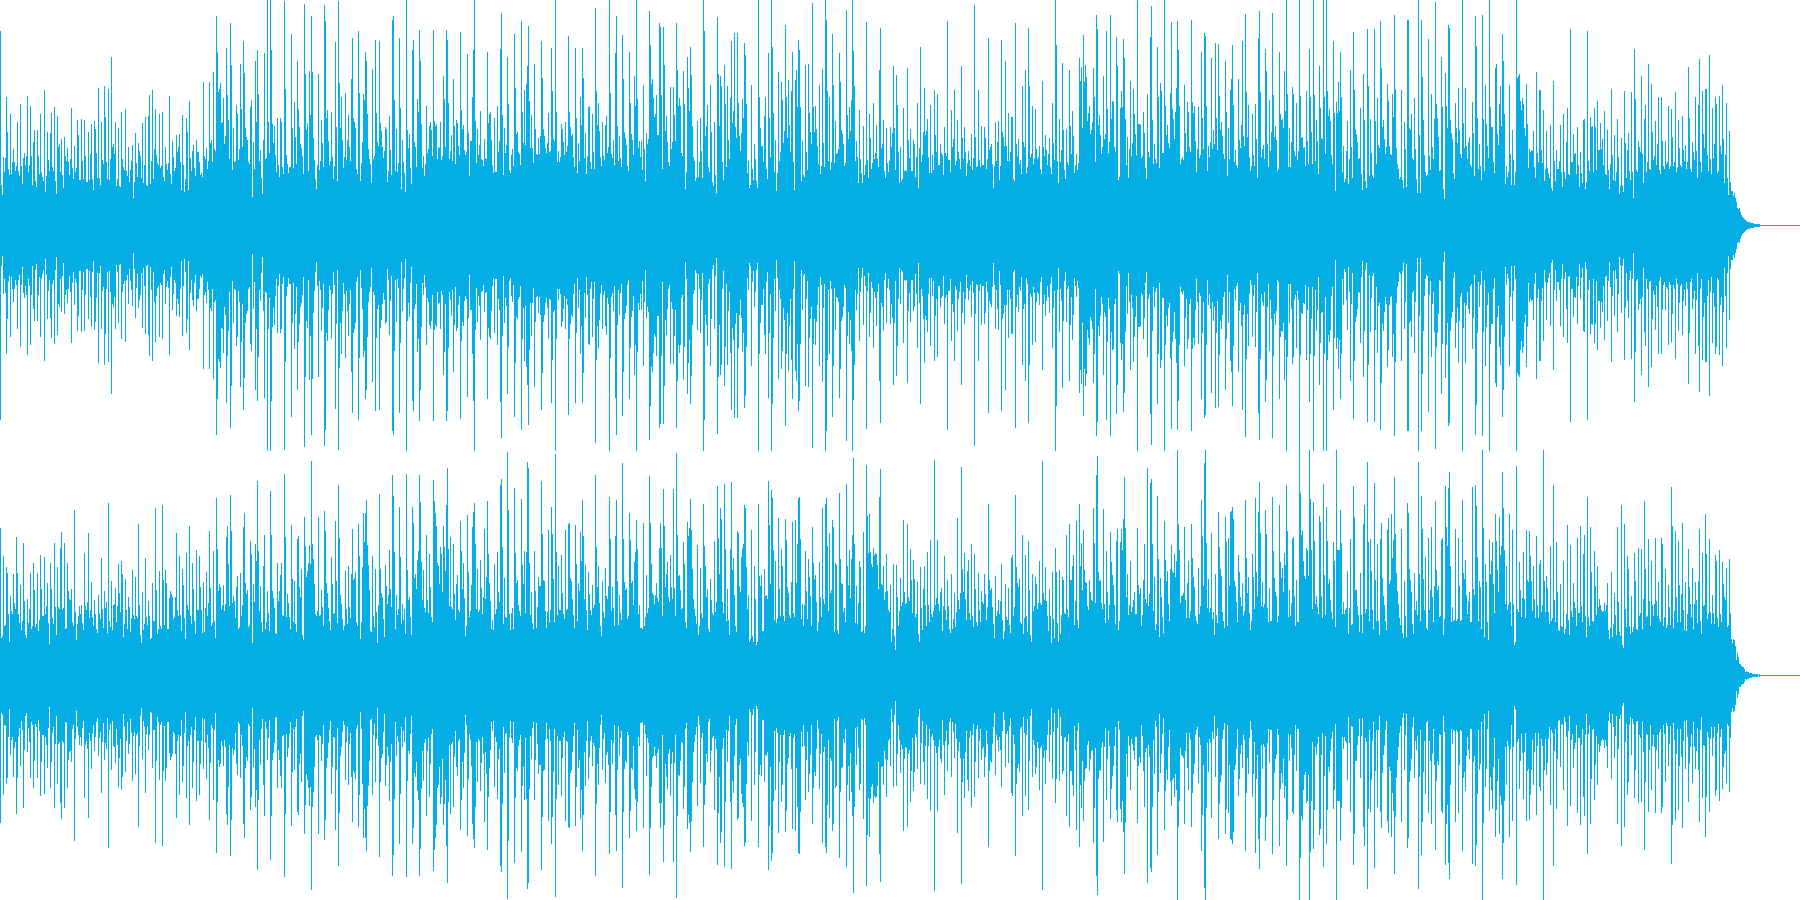 ヒーリング音楽っぽい気持ちのいいBGMの再生済みの波形